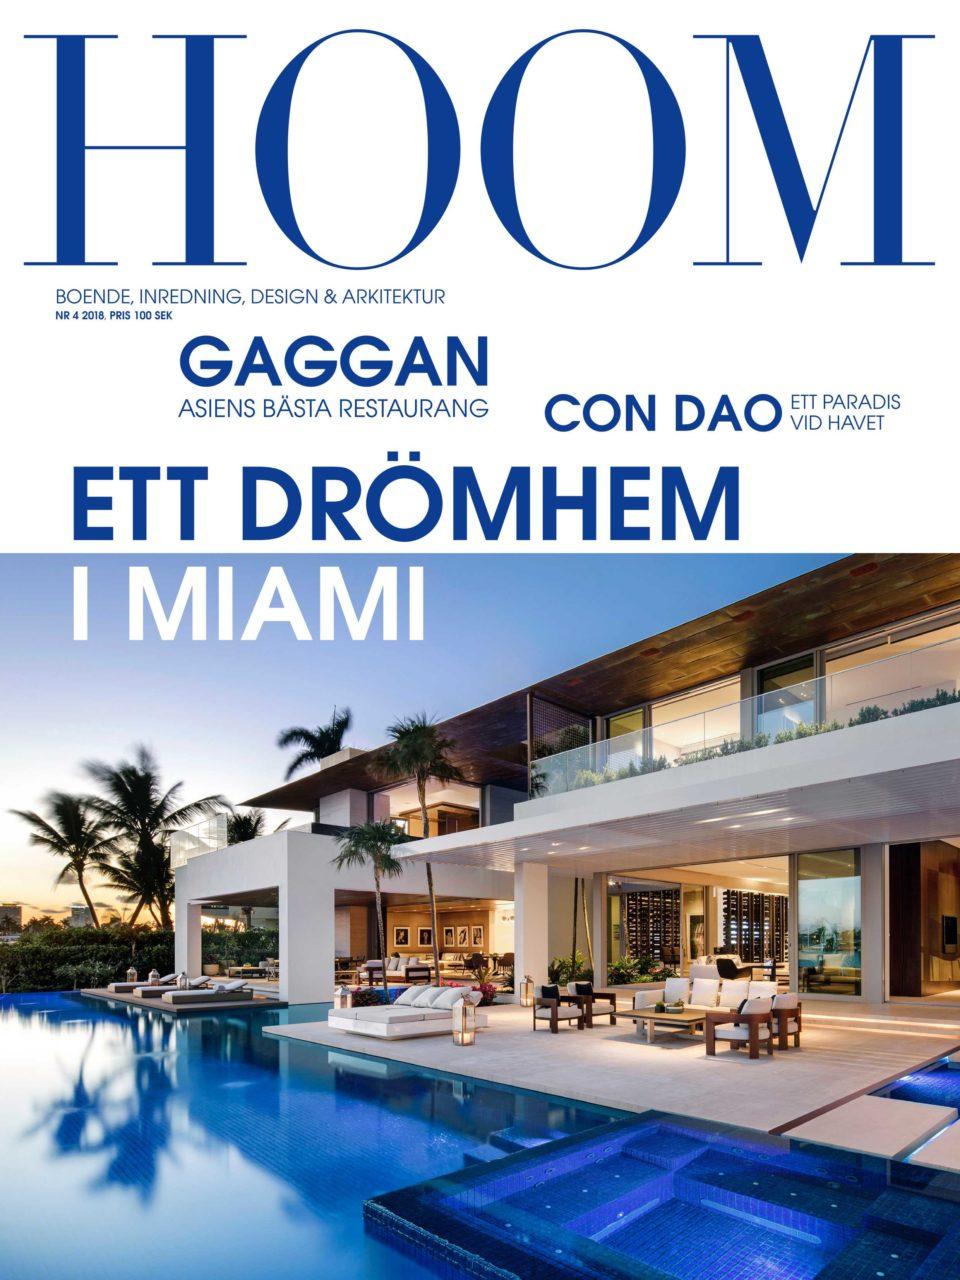 https://www.saota.com/wp-content/uploads/2019/04/2018_10_01_SE_Hoom_Dilido_Cover.jpg